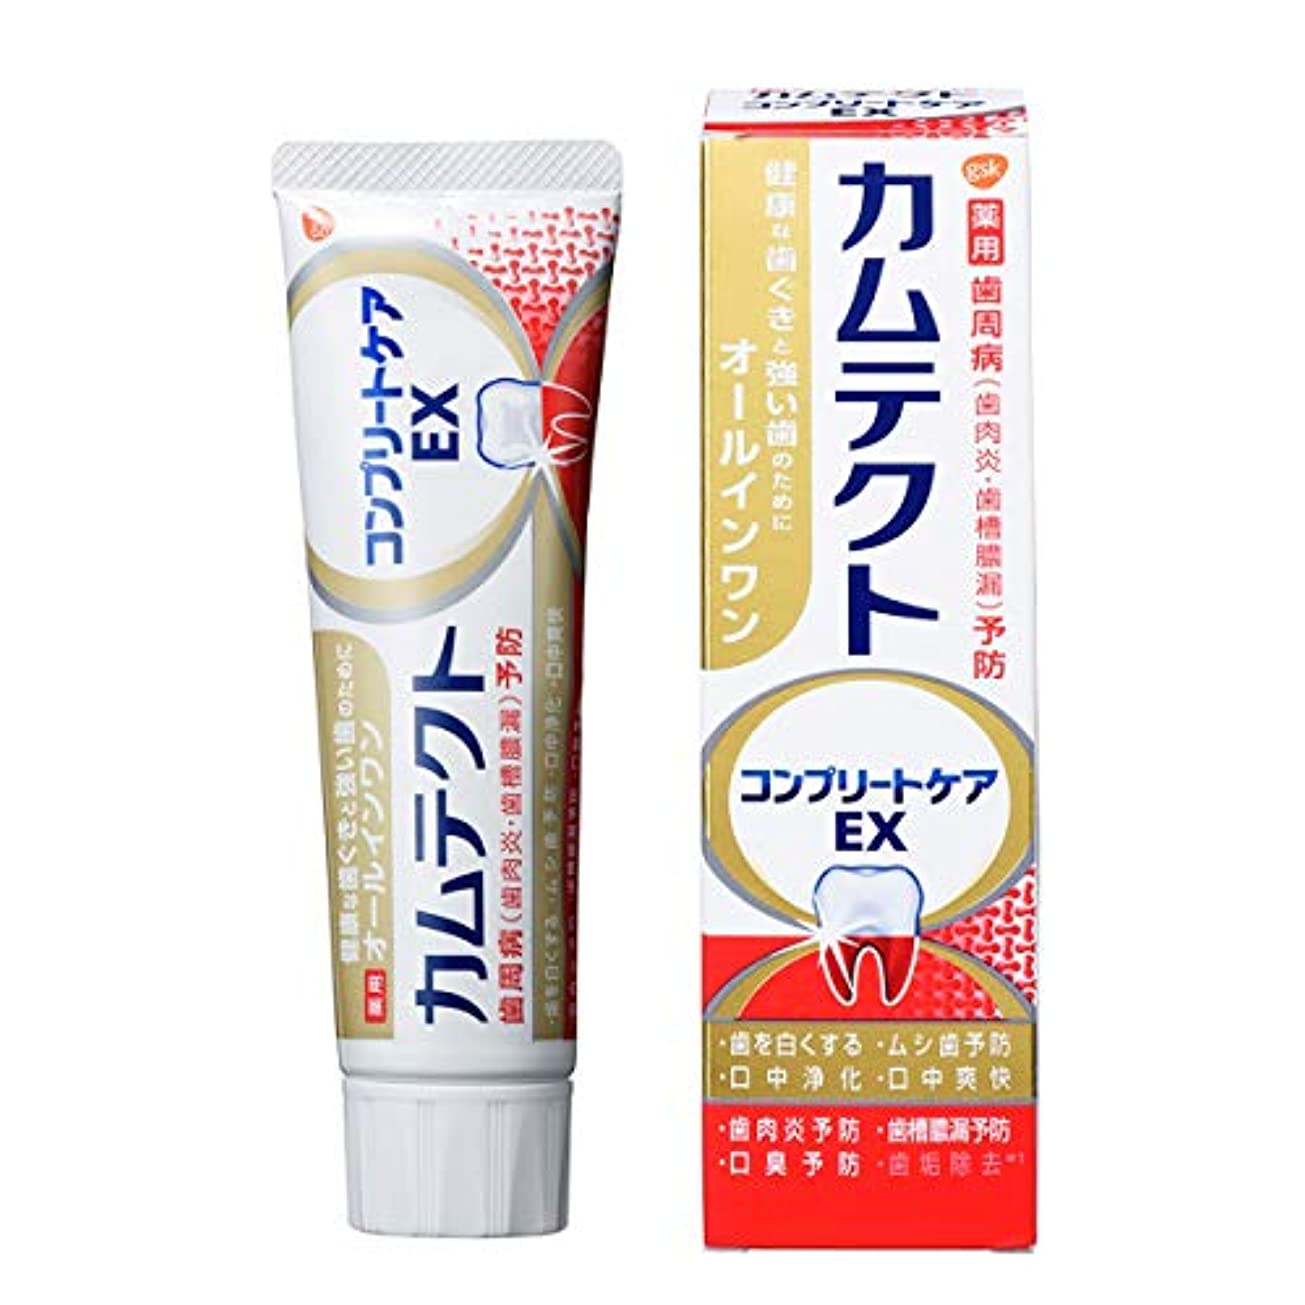 から仲介者ポンプカムテクト コンプリートケアEX 歯周病(歯肉炎?歯槽膿漏) 予防 歯磨き粉 105g